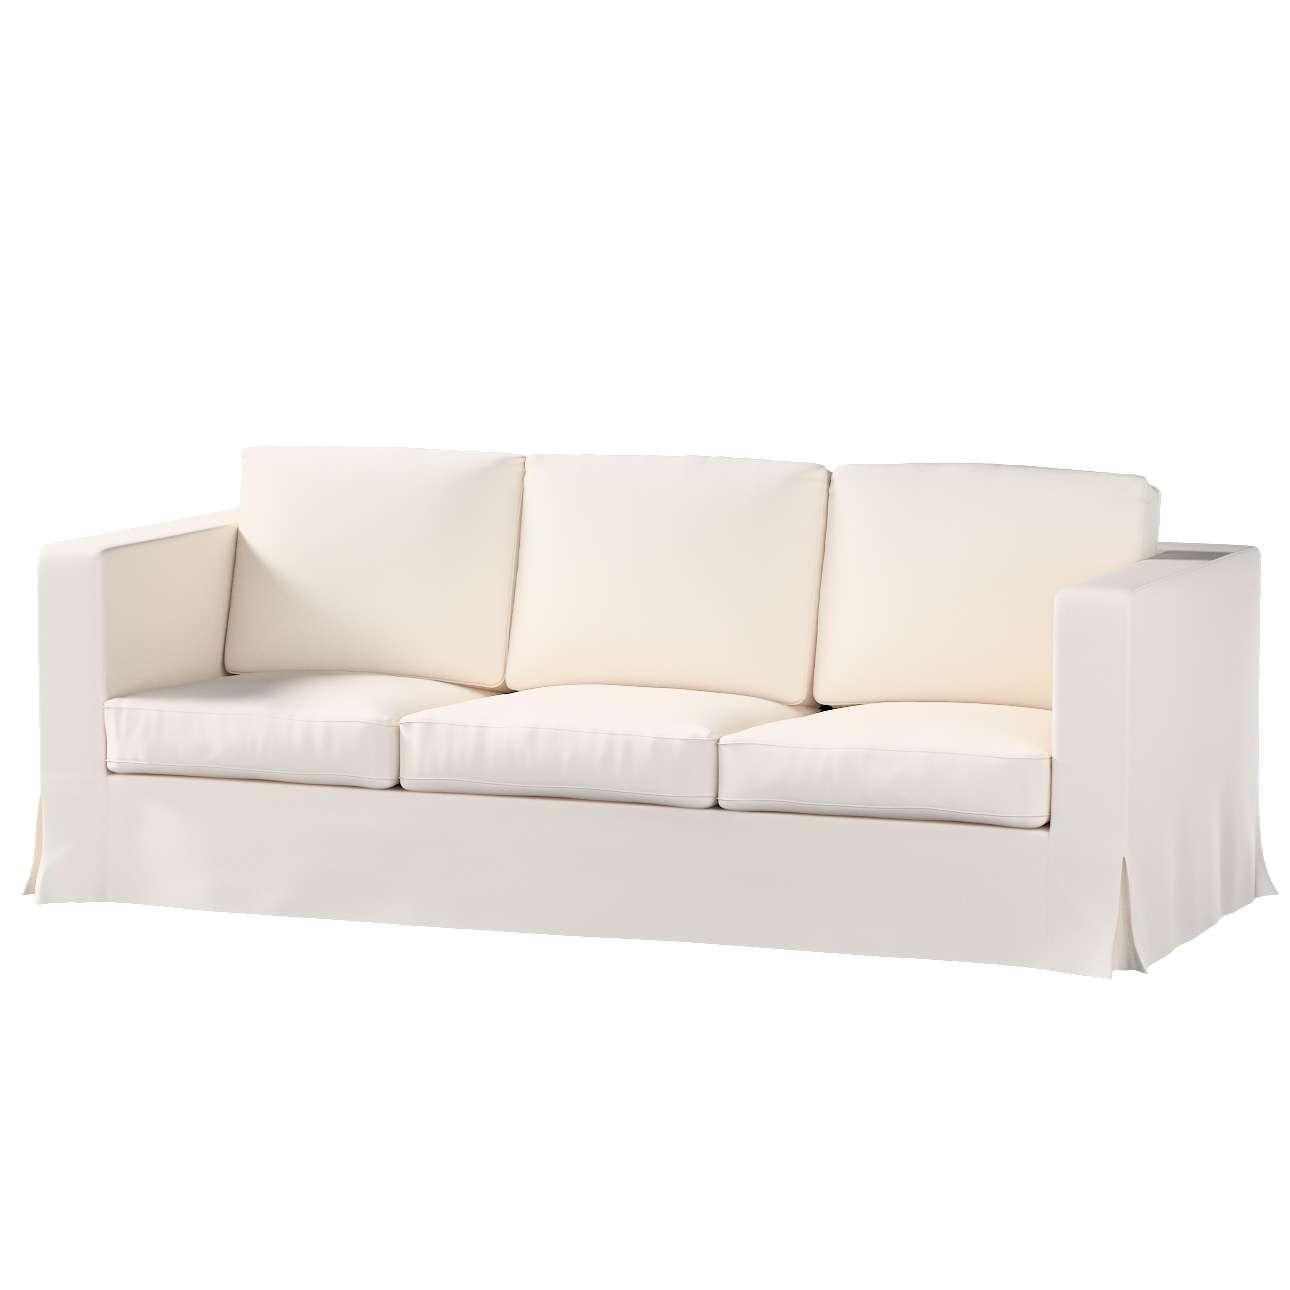 Potah na pohovku IKEA  Karlanda 3-místná nerozkládací, dlouhý pohovka Karlanda 3-os v kolekci Etna, látka: 705-01